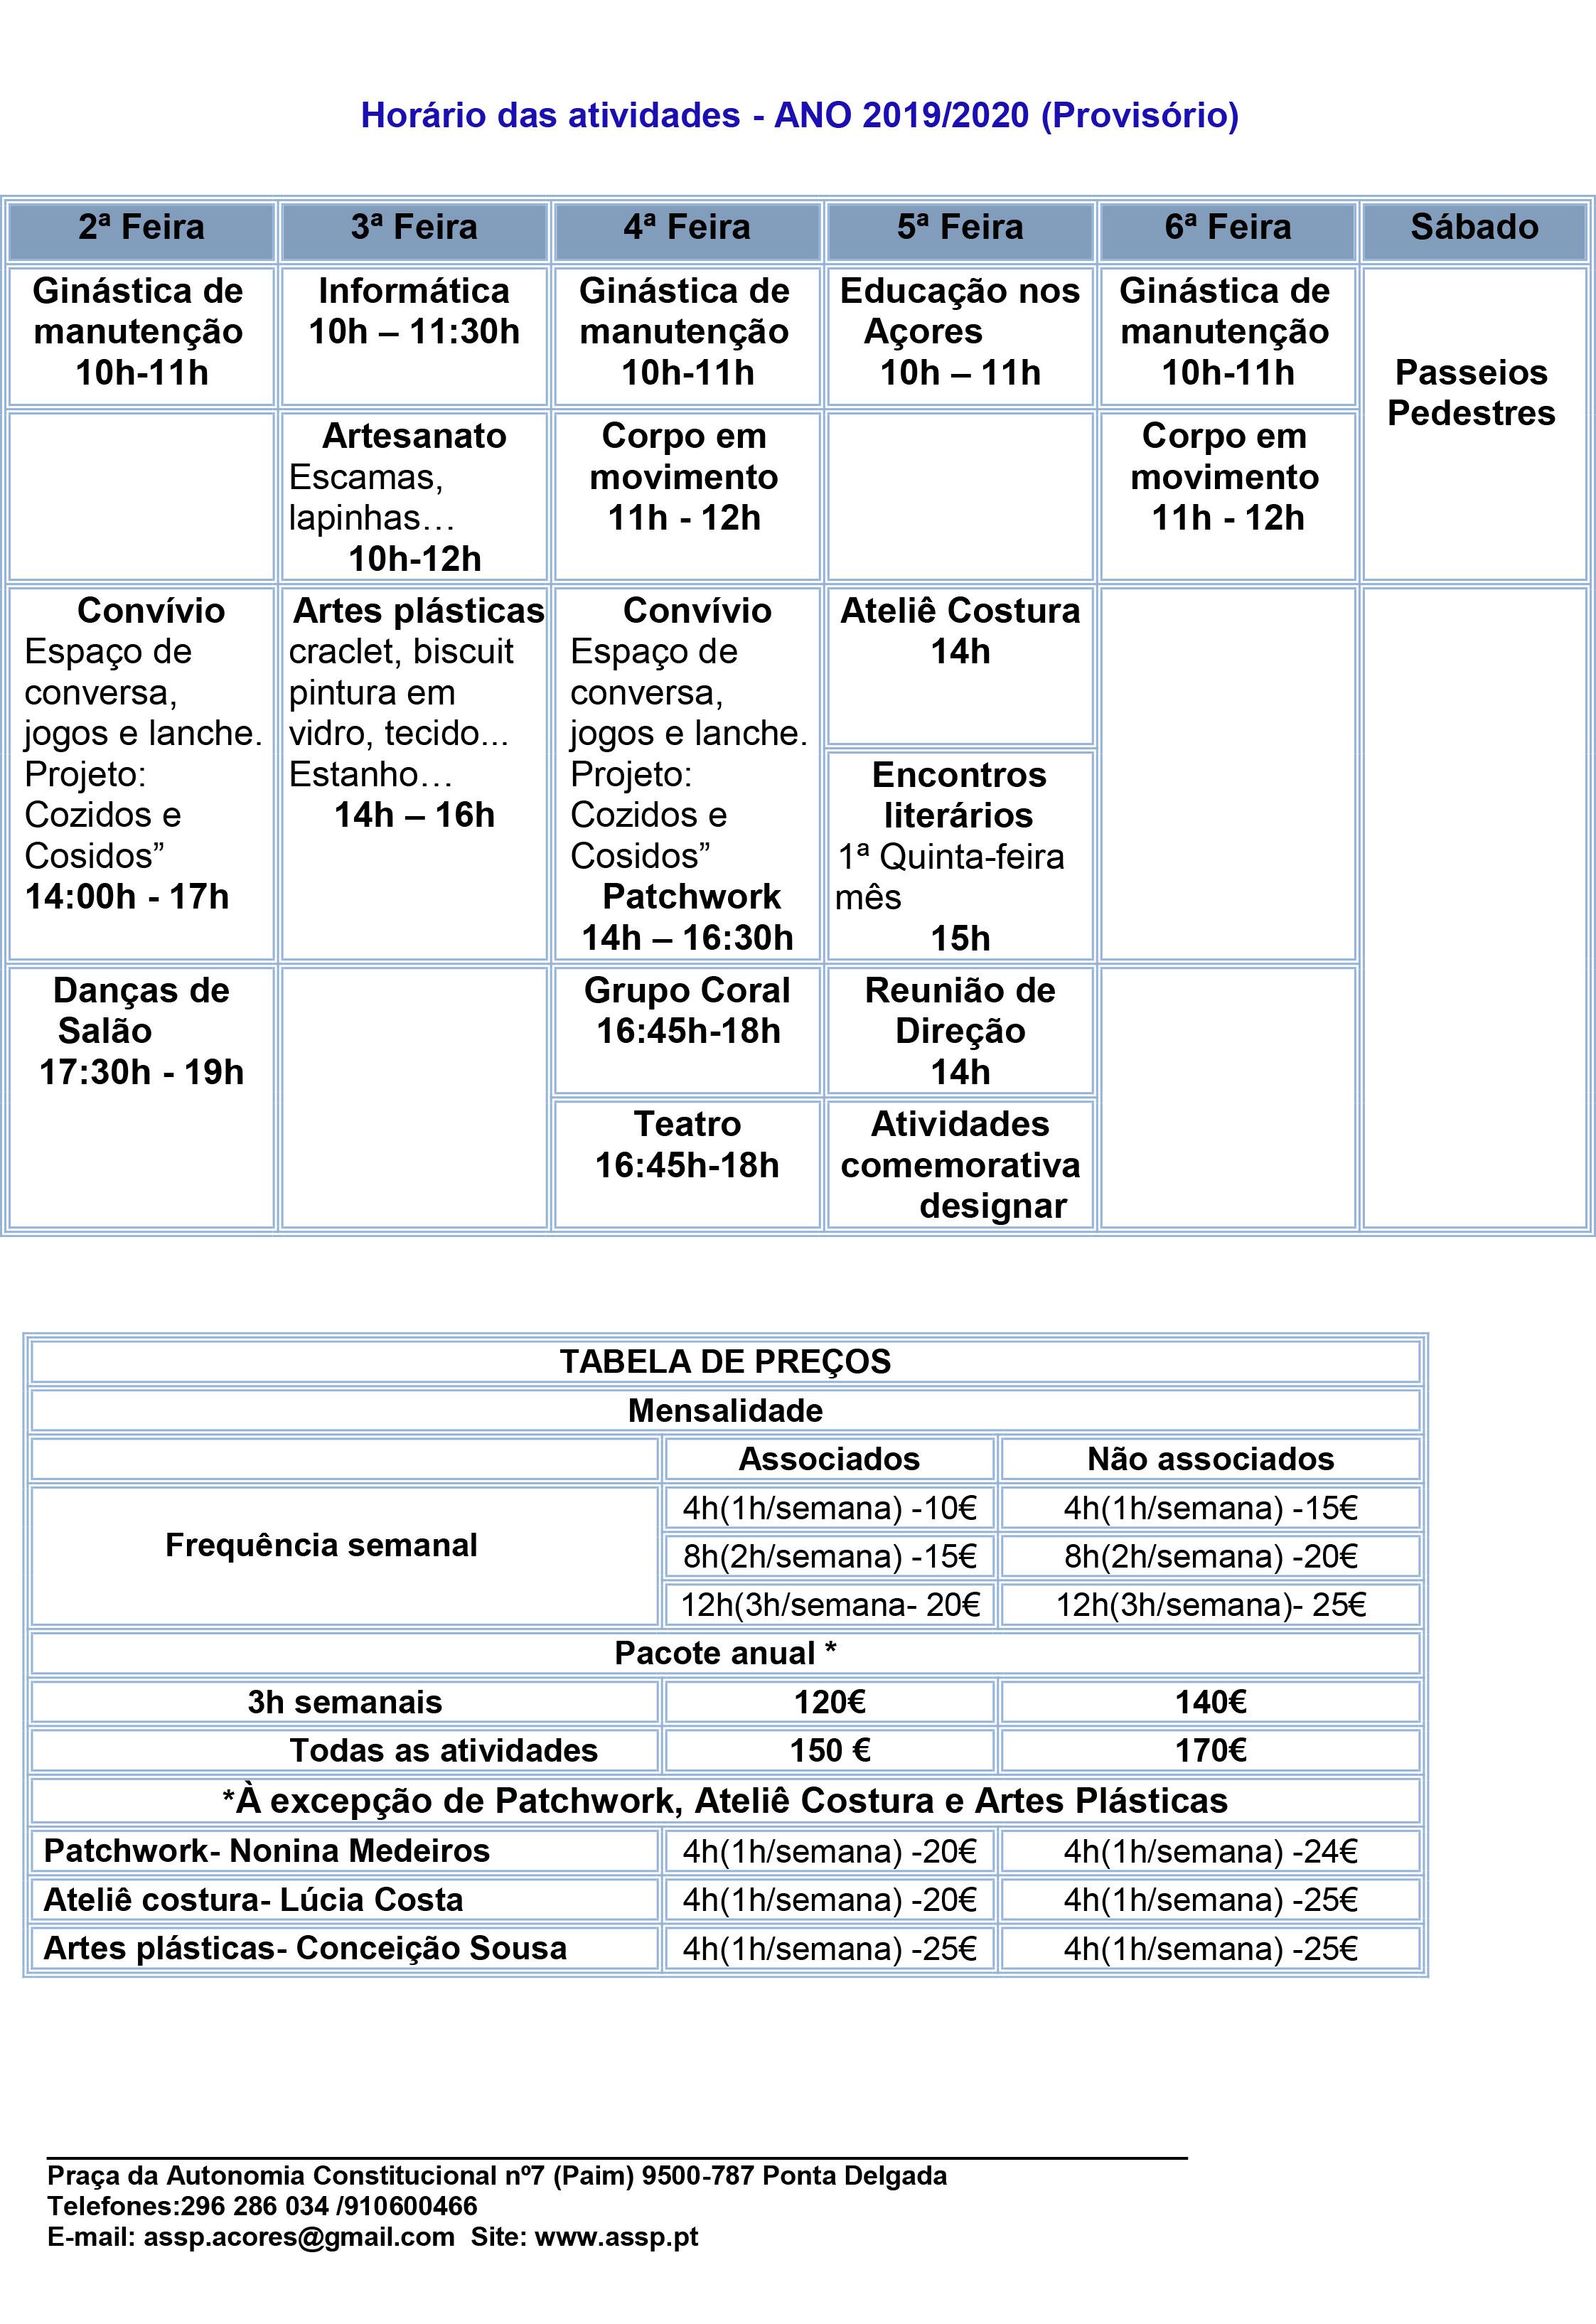 Acontecer Açores nº 28 setembro 2019 final-2